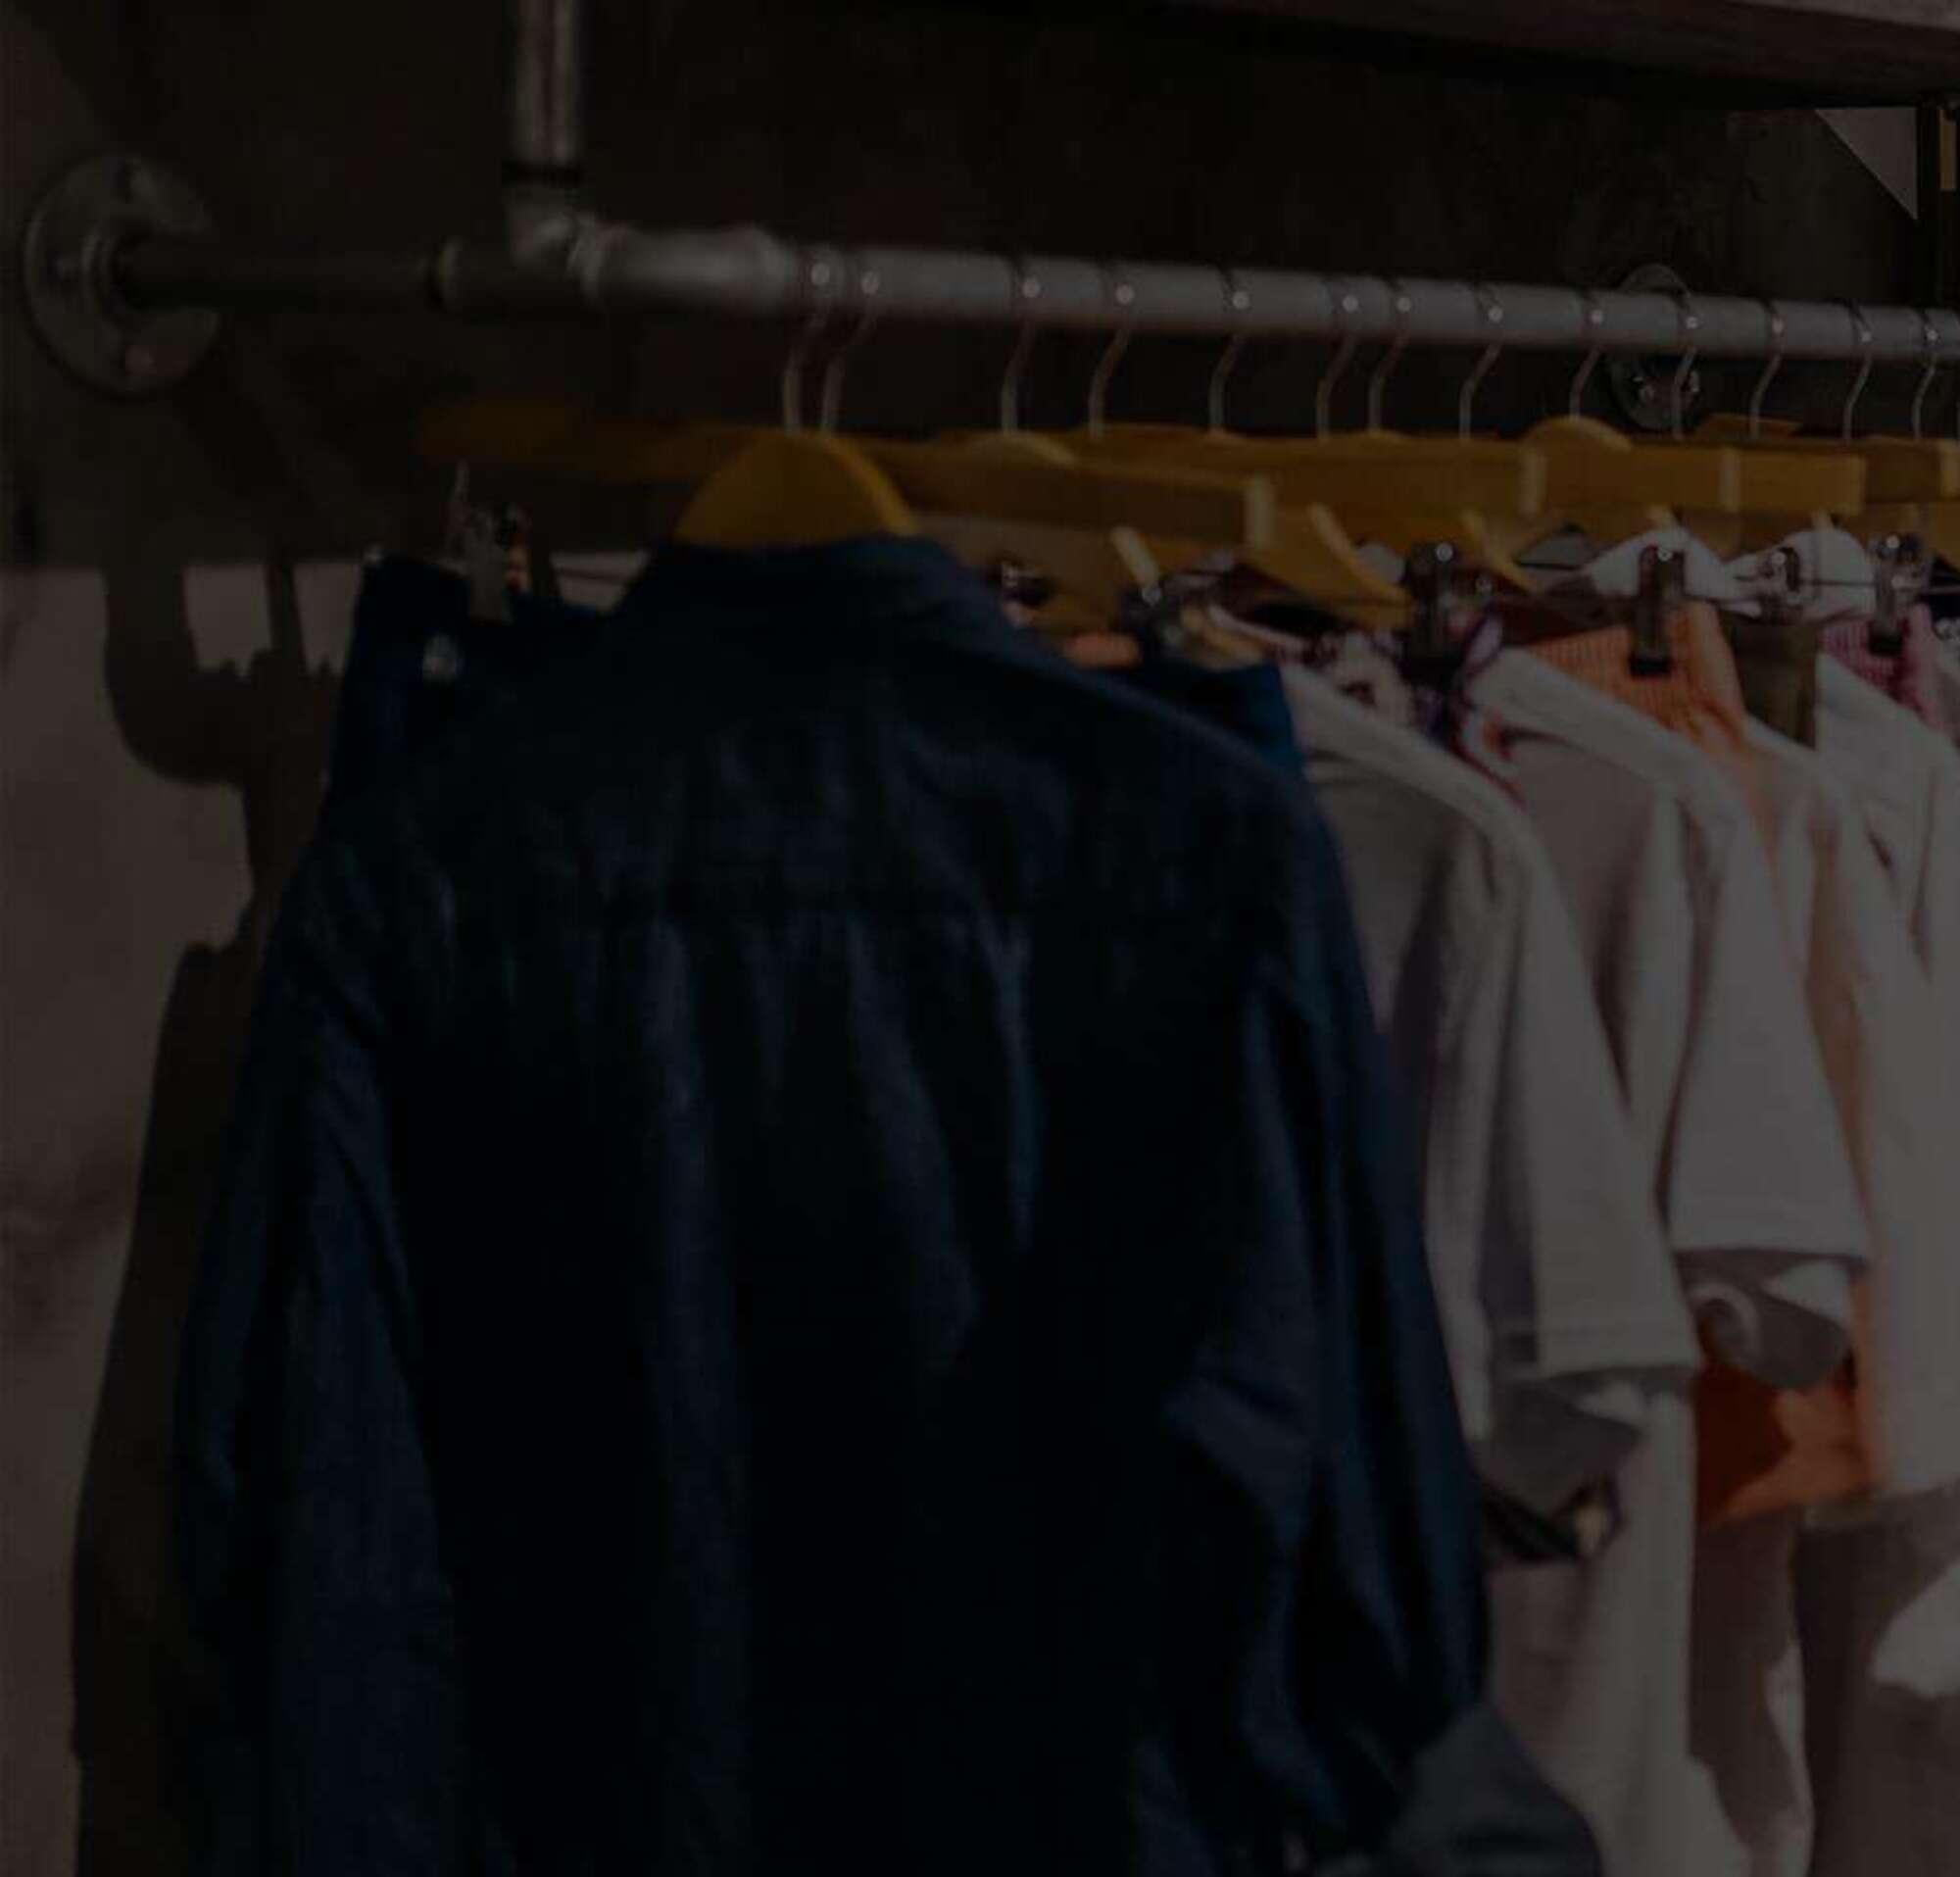 Uma prateleira de roupas em uma loja.